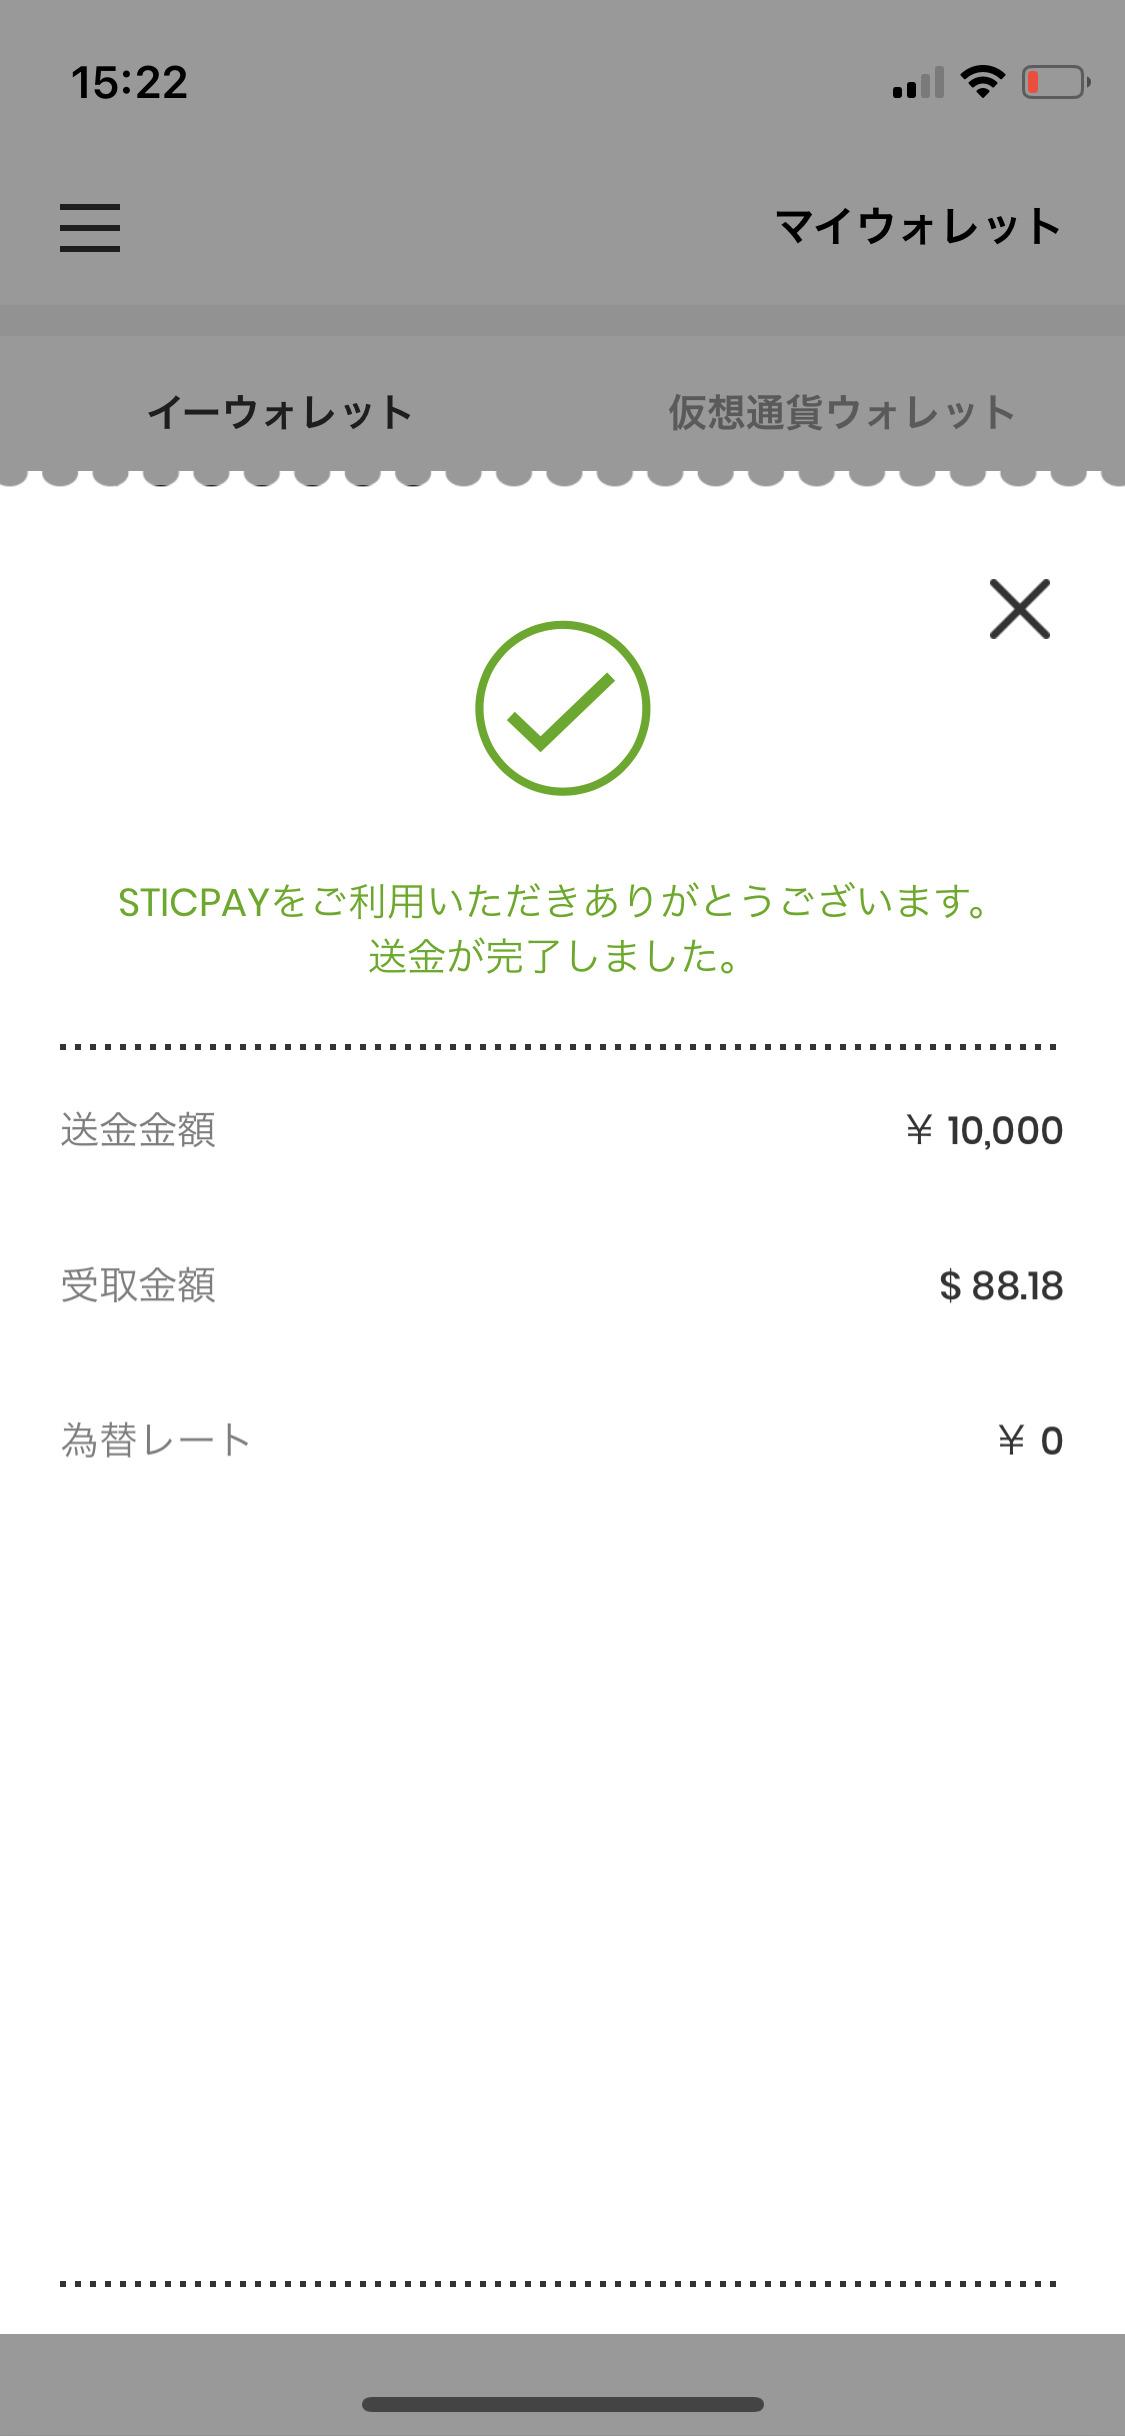 STICPAY両替-6